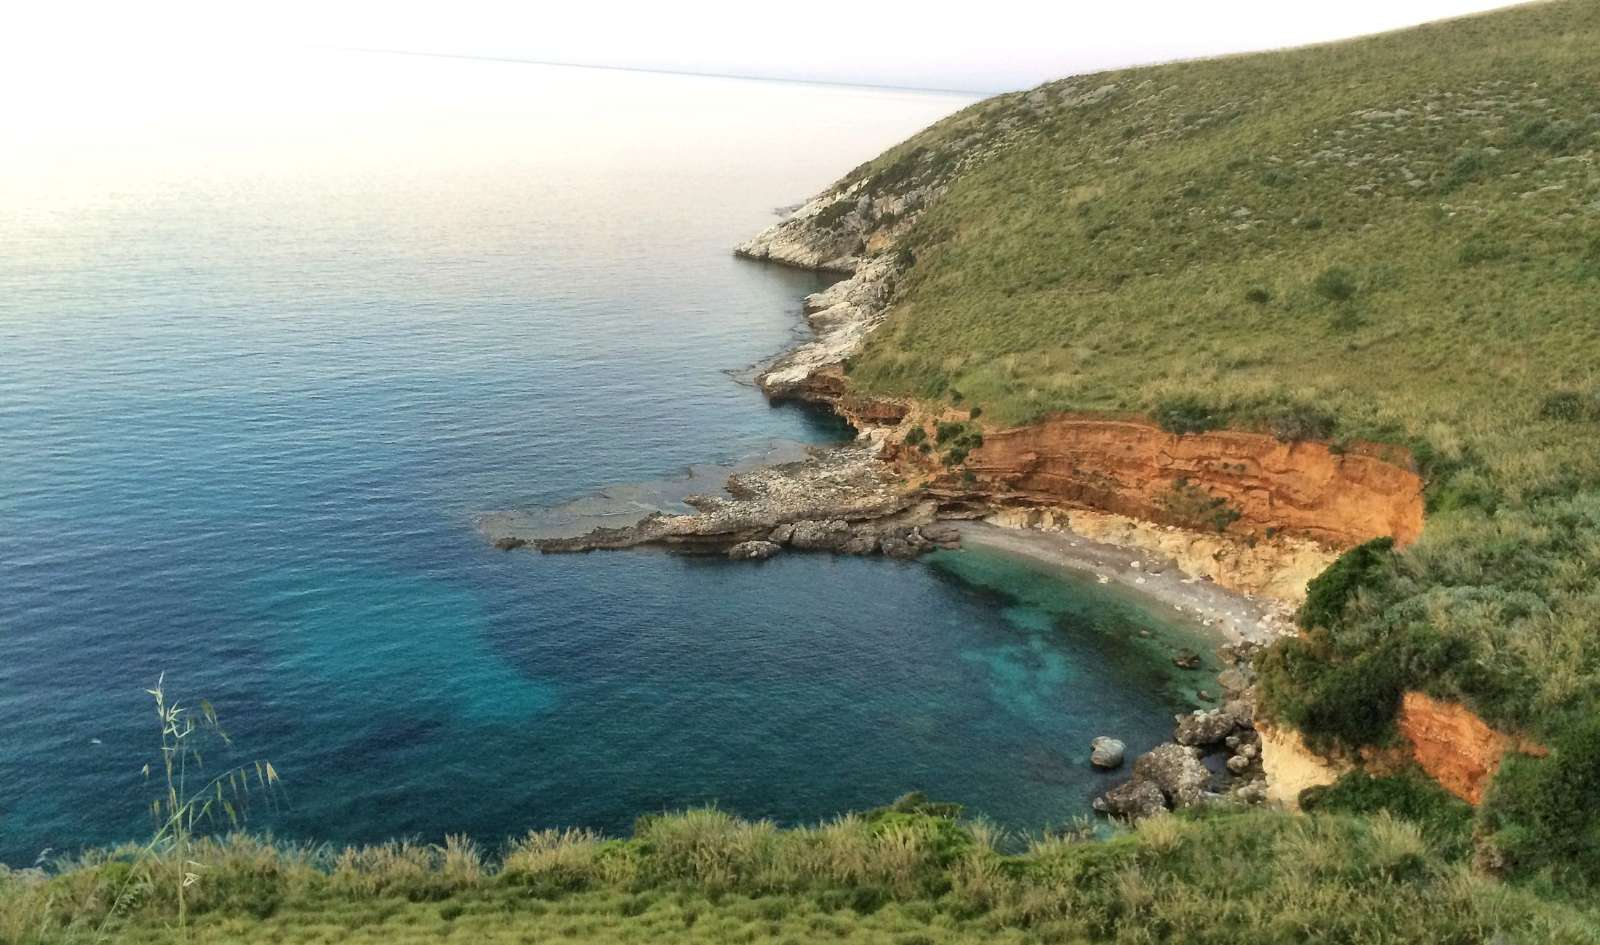 La plage aux pieds des falaises, près de Villino dei Gabbiani